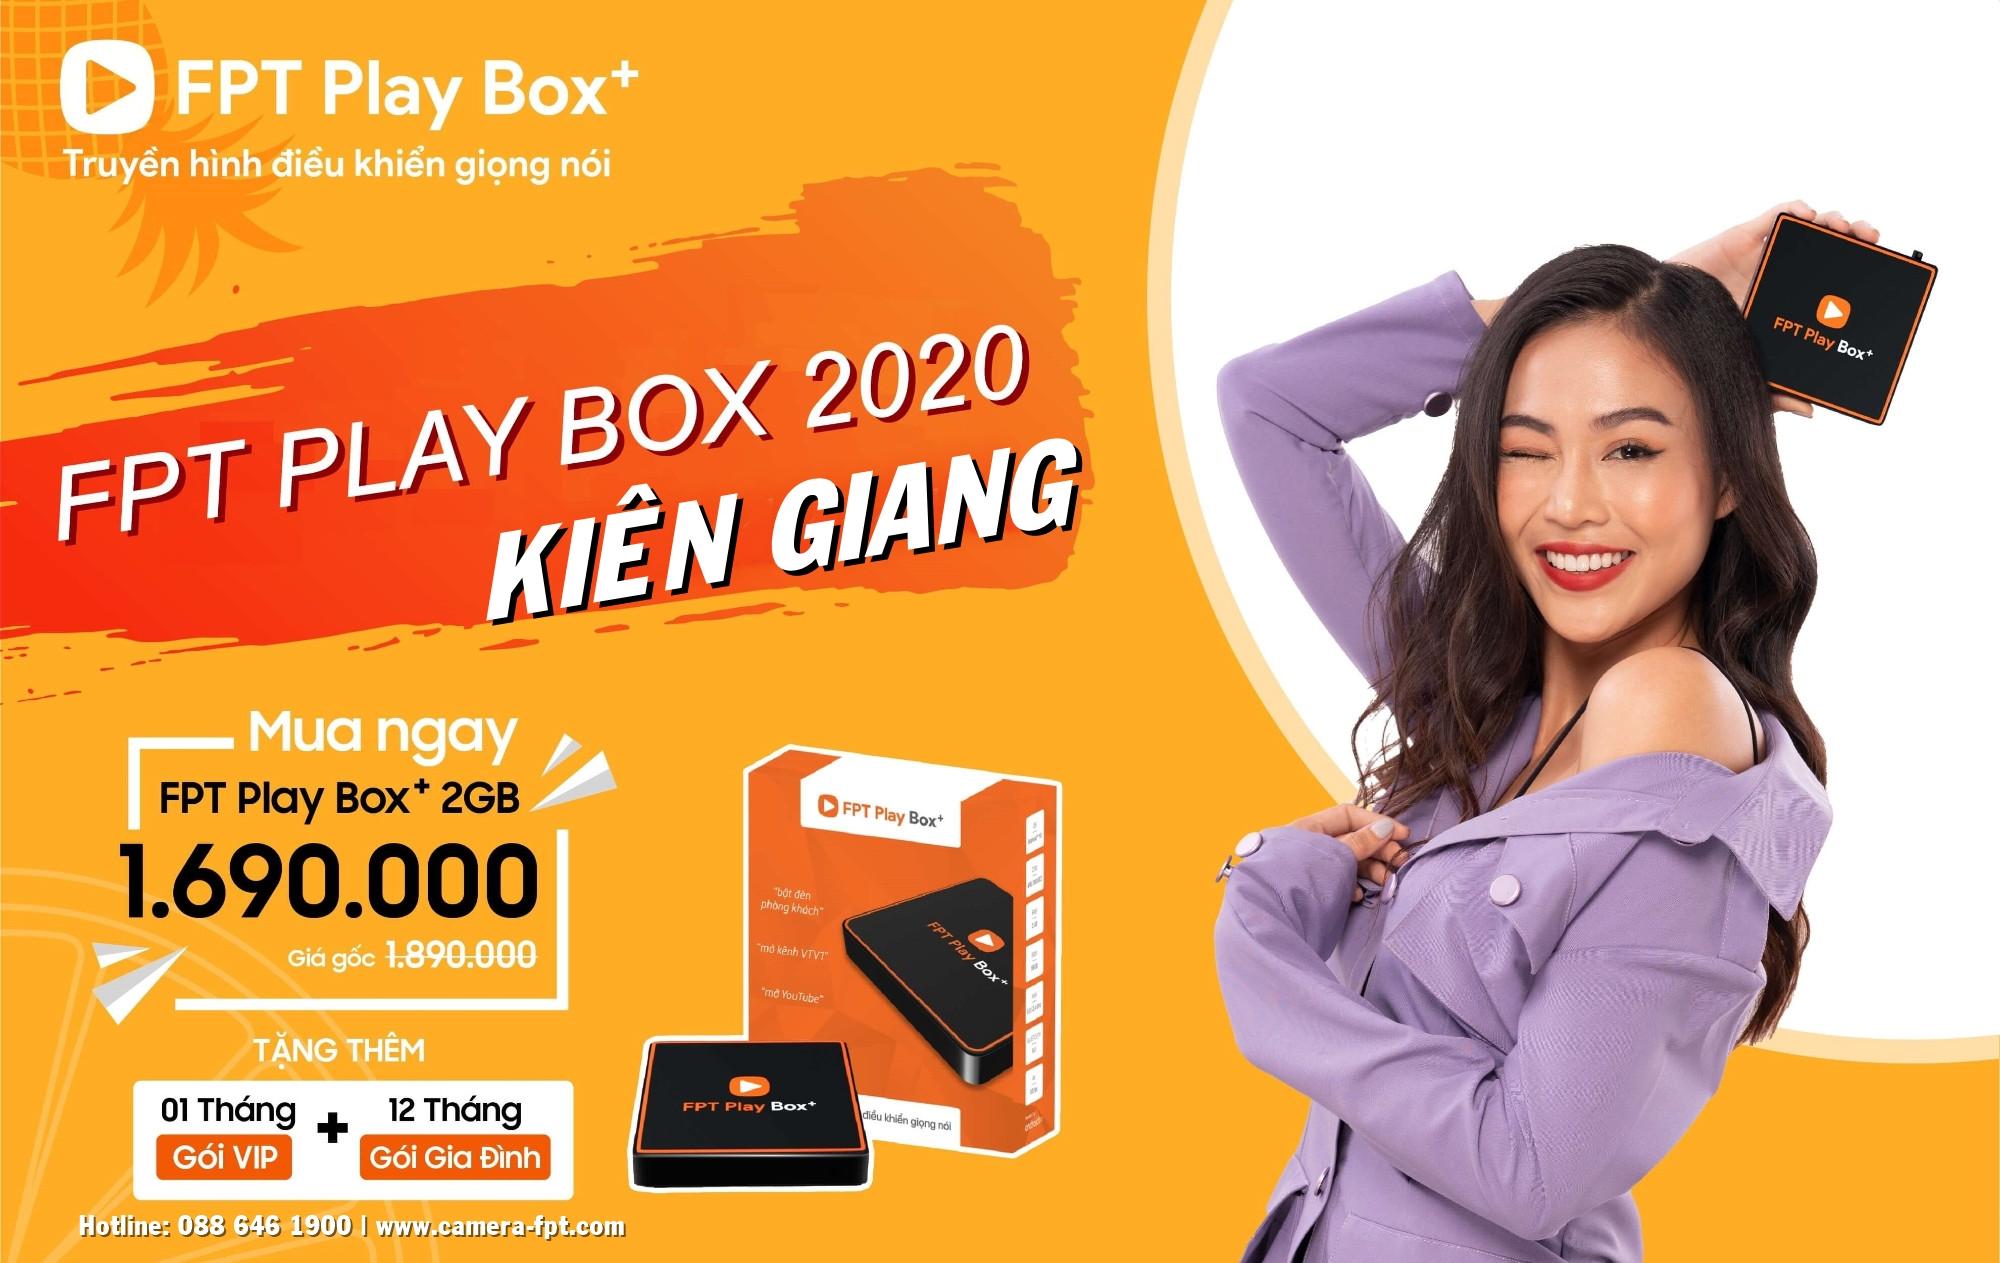 Mua FPT Play BOX+ 2020 tại Kiên Giang ✓ Chính hãng FPT Telecom